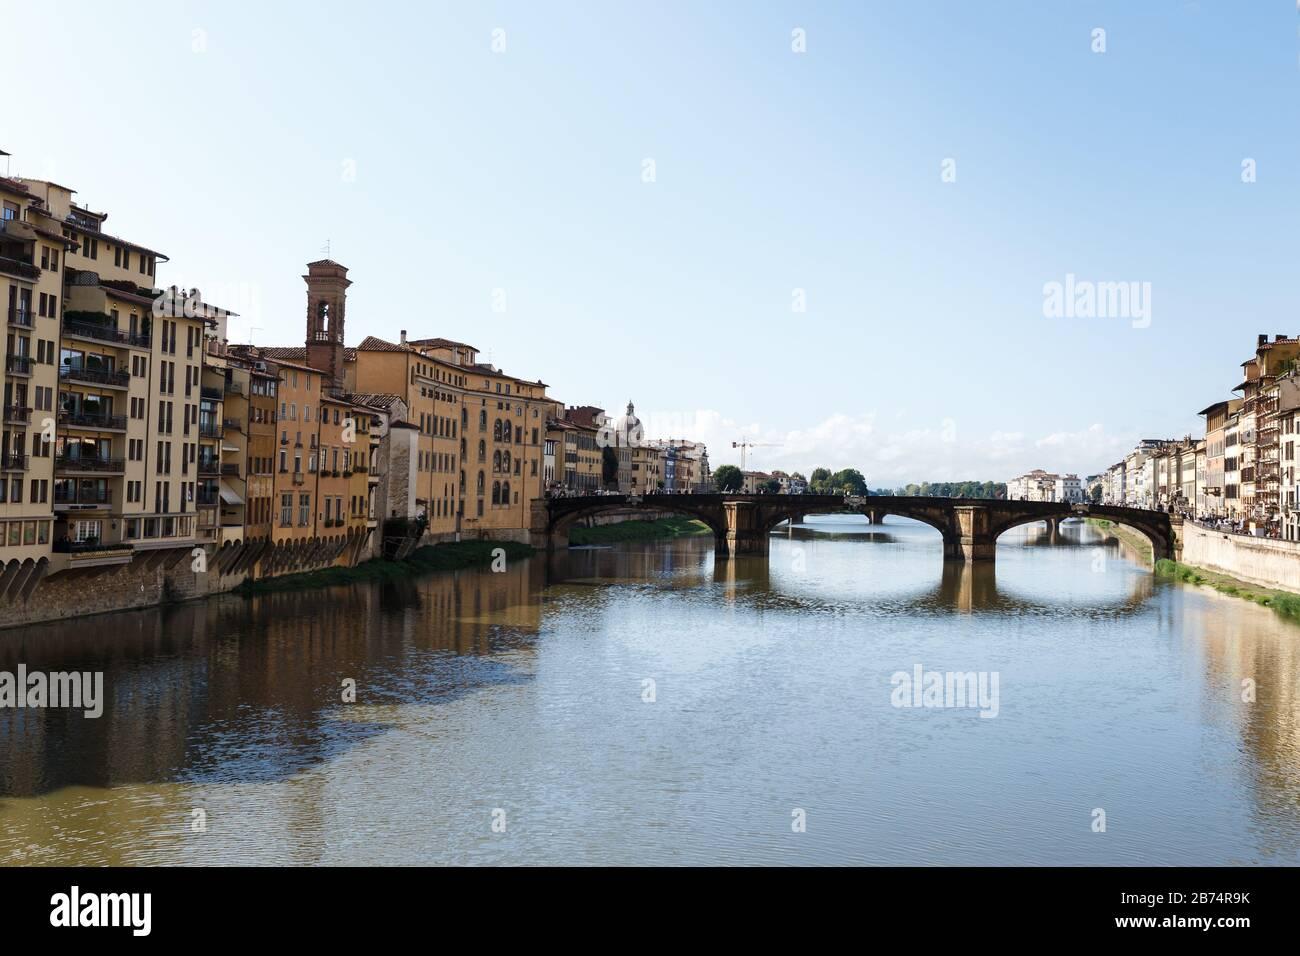 Calles con casas antiguas de colores y puentes en el centro de Florencia Foto de stock